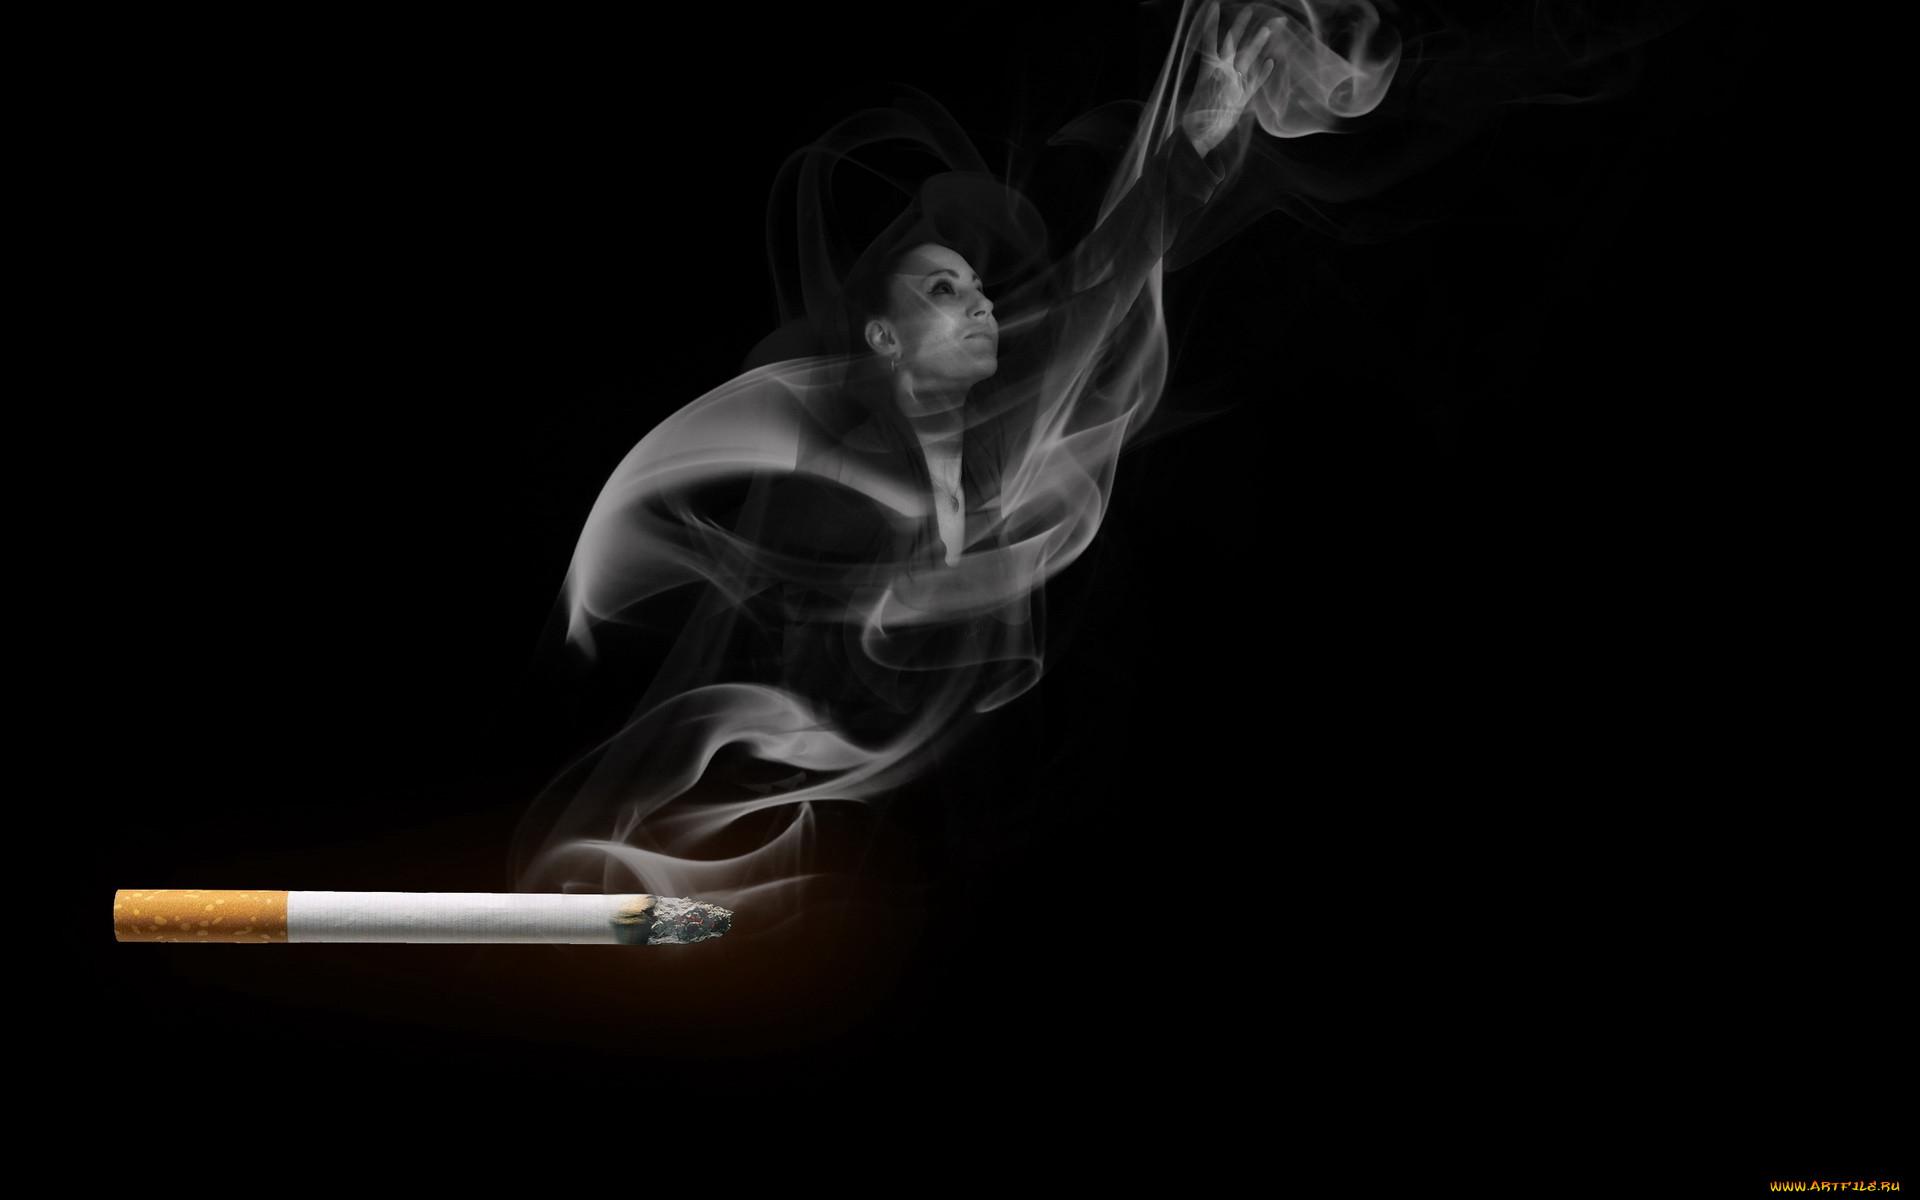 населенным курение черные картинки ингуши